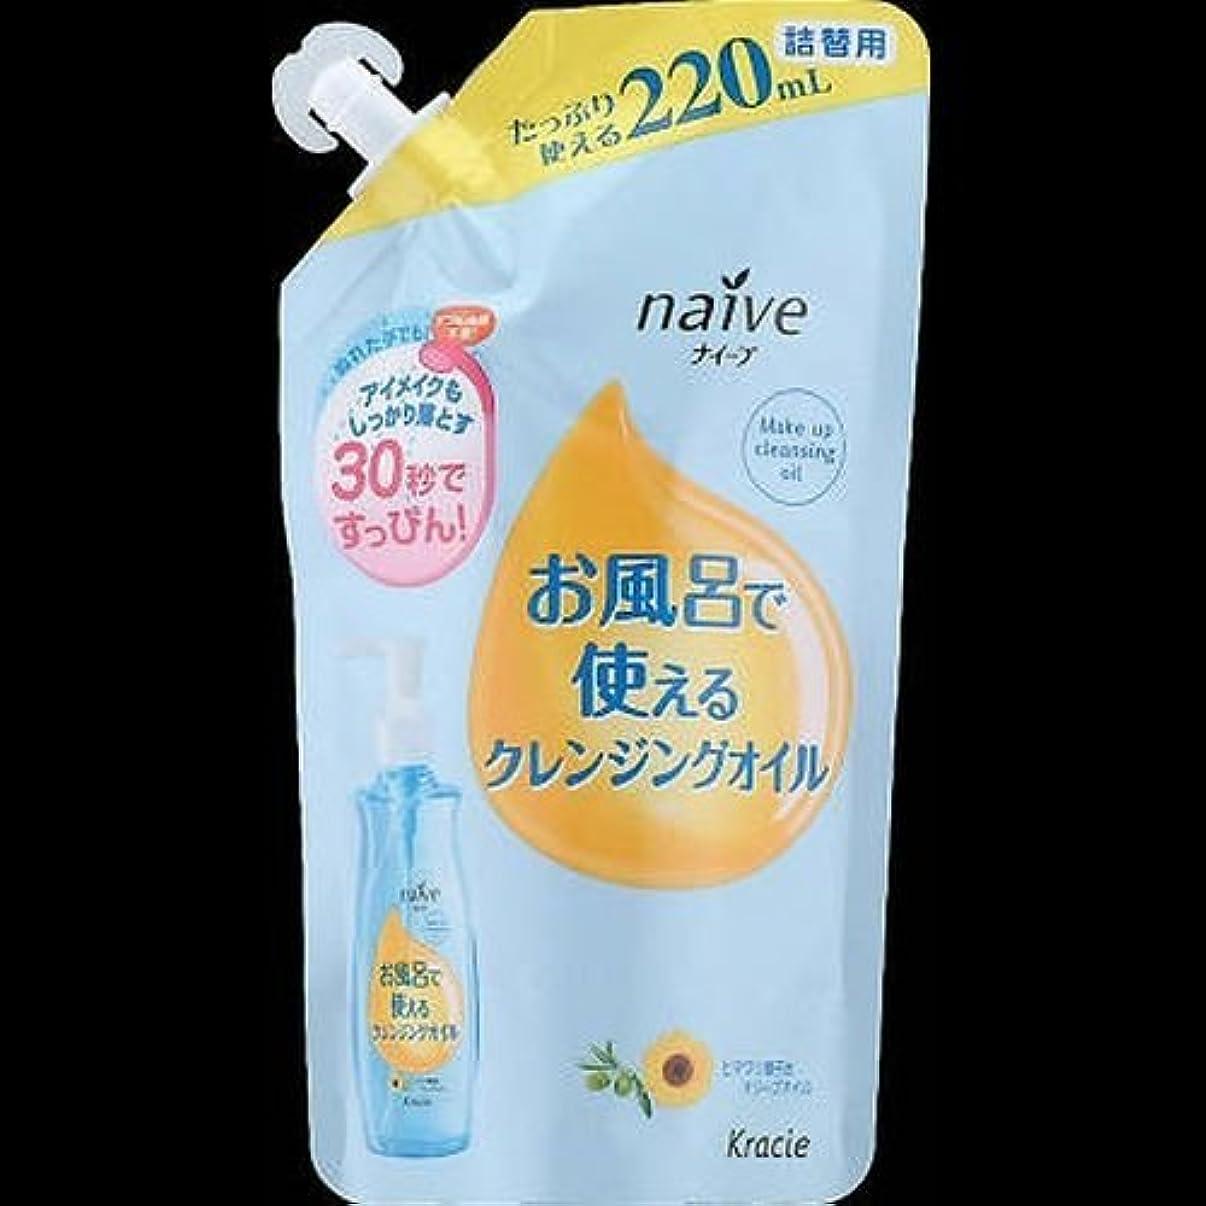 コーン欠員り【まとめ買い】ナイーブ お風呂で使えるクレンジングオイル 詰替 ×2セット